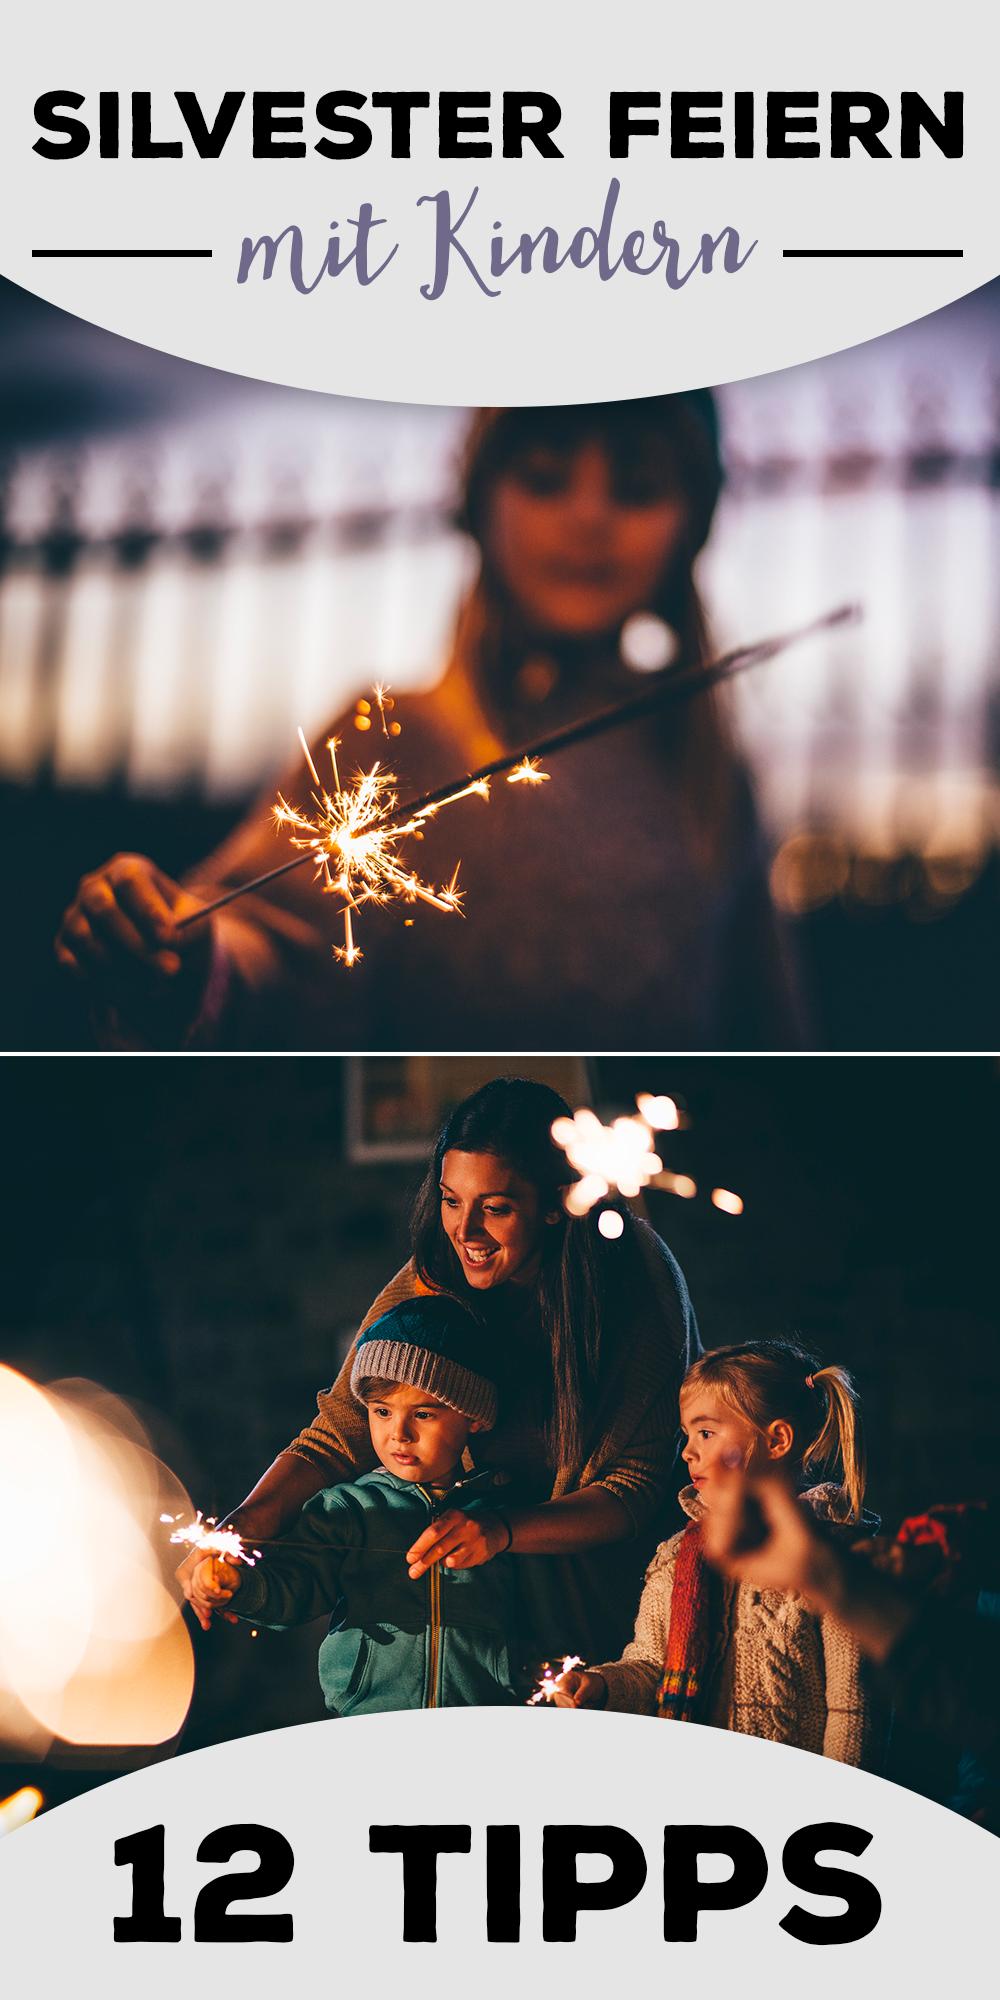 Neujahr feiern Orakel Traditionen und Spiele für Silvester